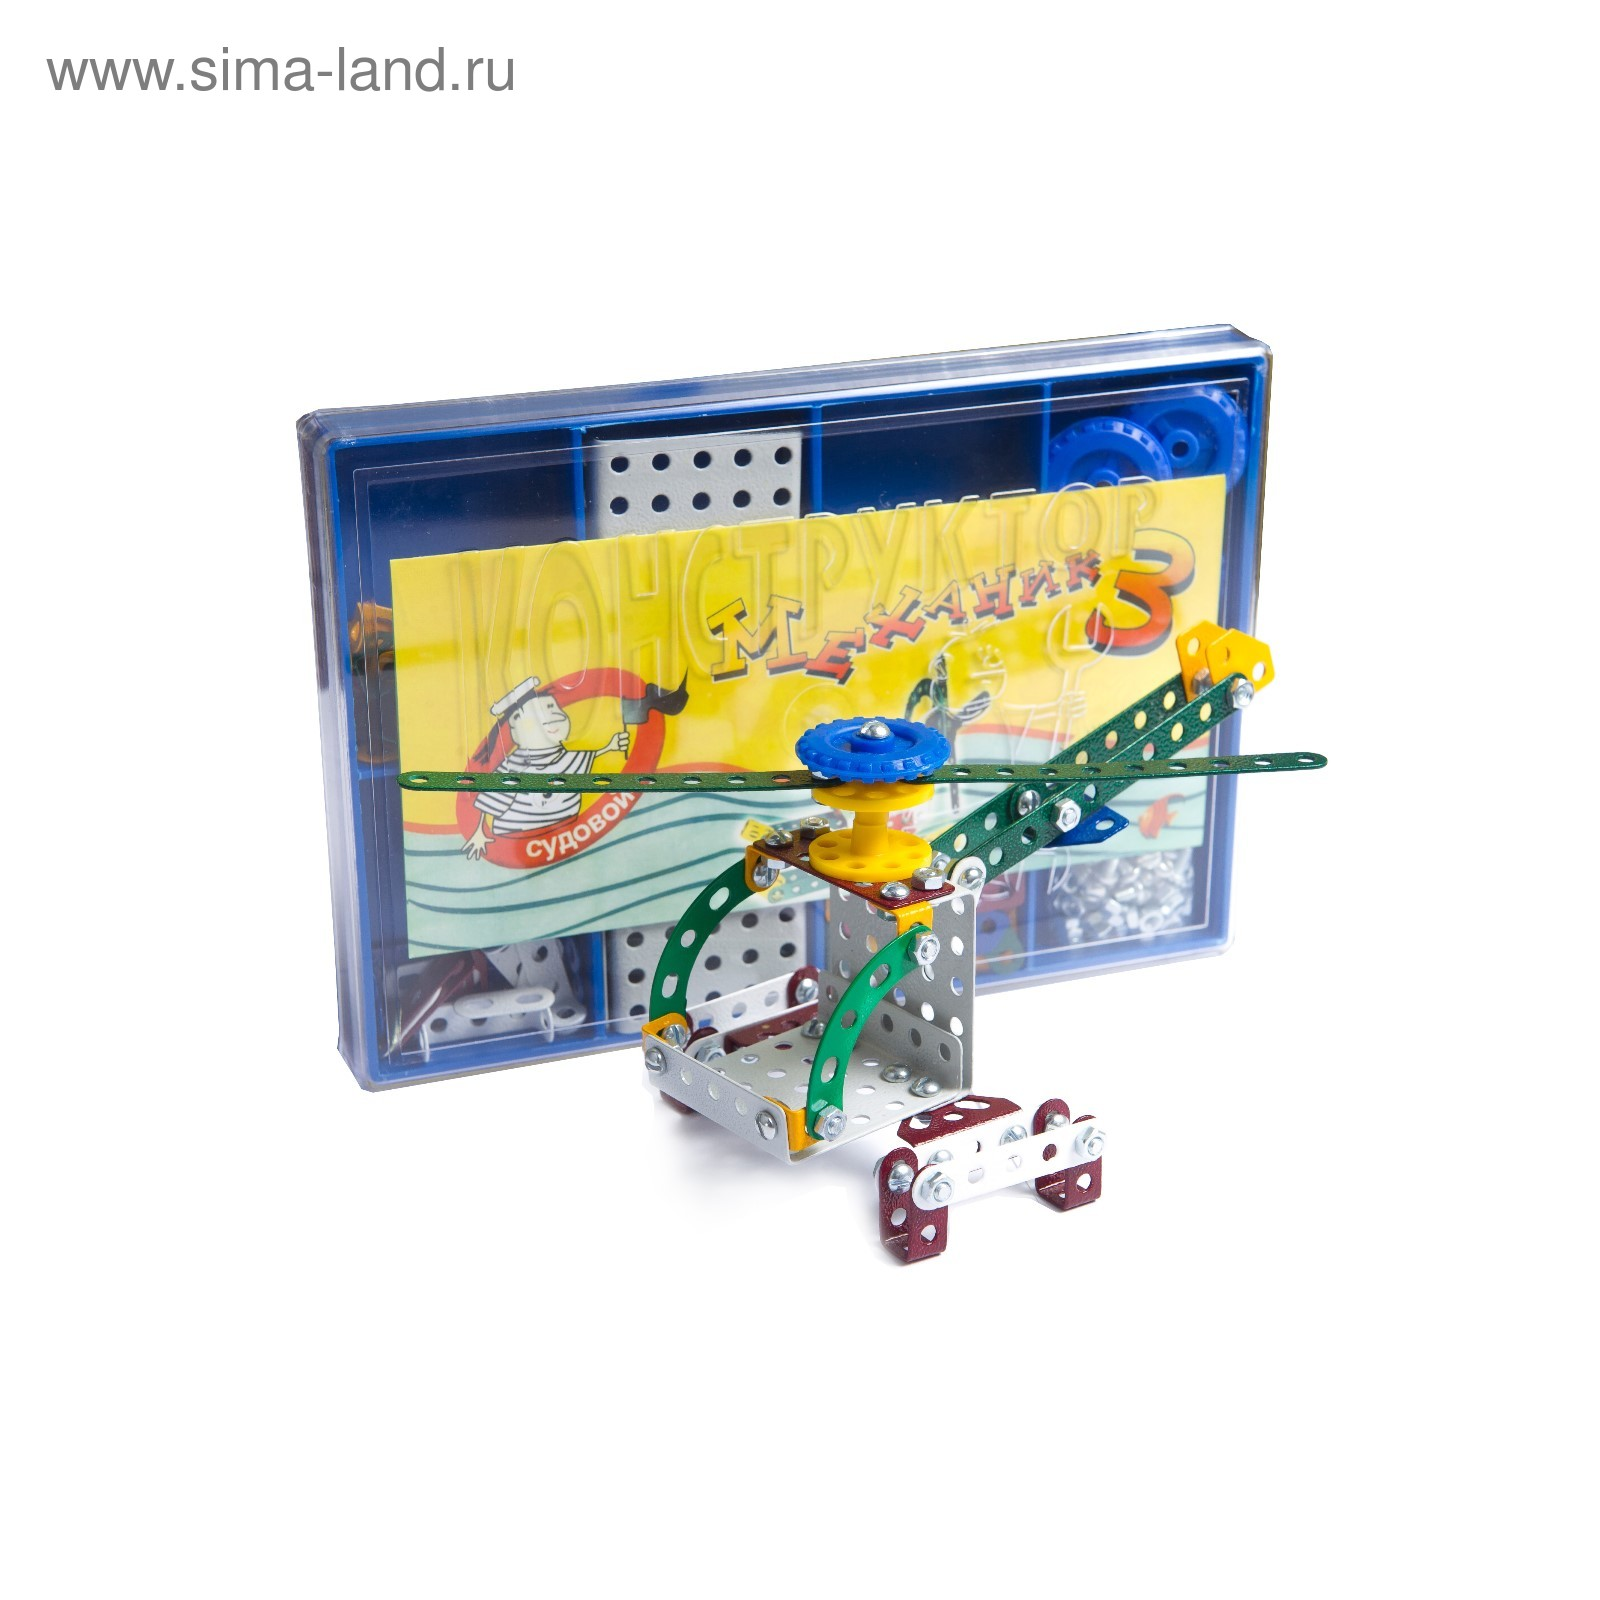 Металлический конструктор «Механик-3», 200 деталей (2859104 ... 1279856067c